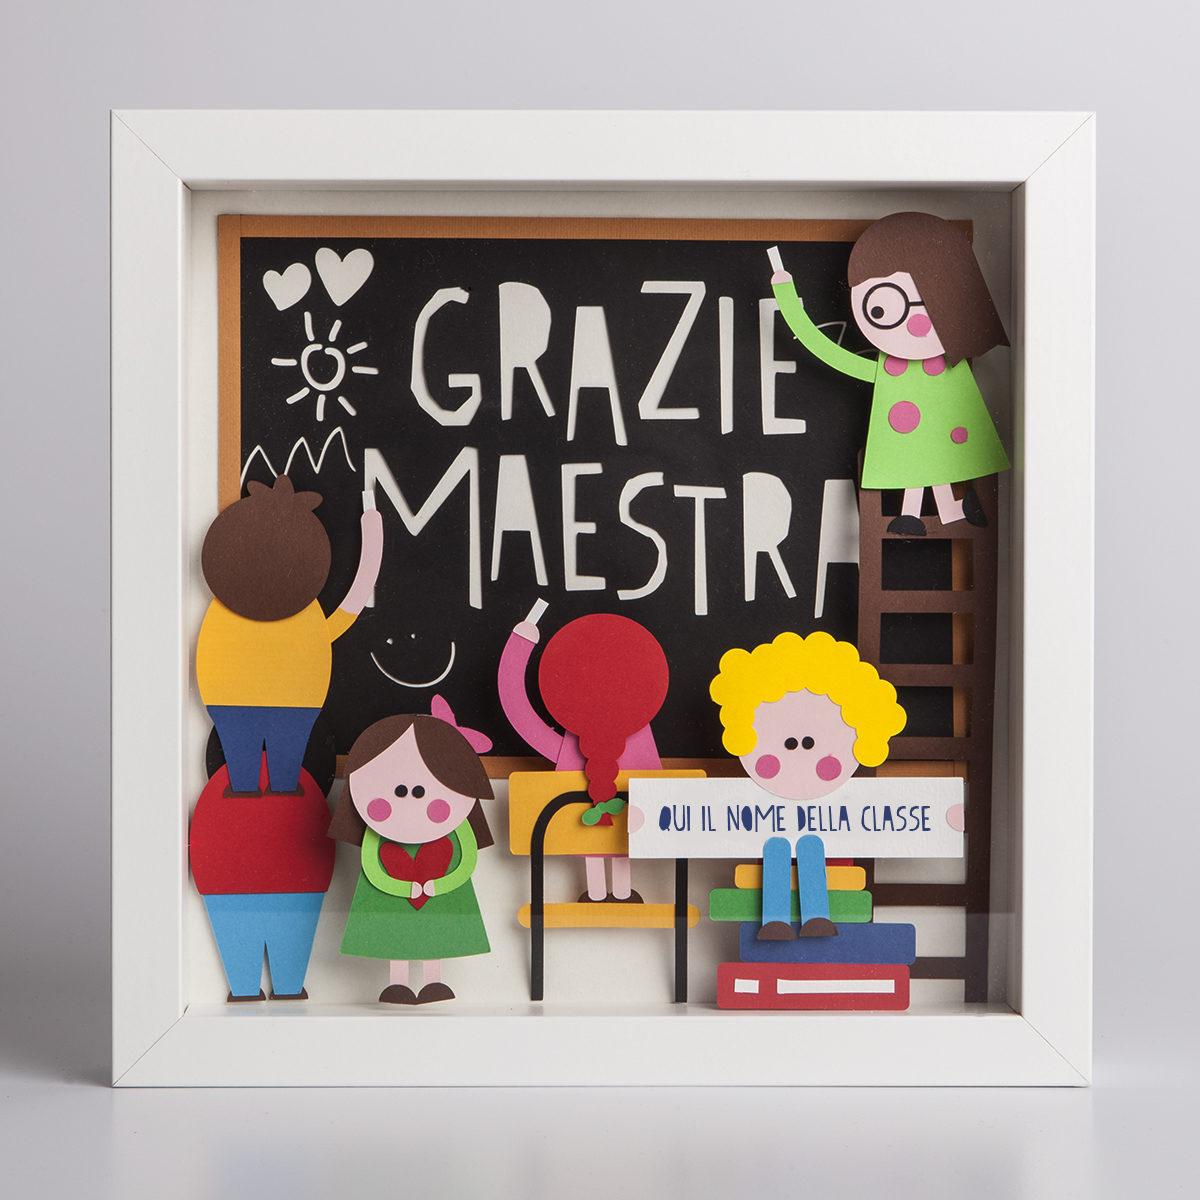 5e7afba58 Quadretto 3d Grazie Maestra - Ovotondo